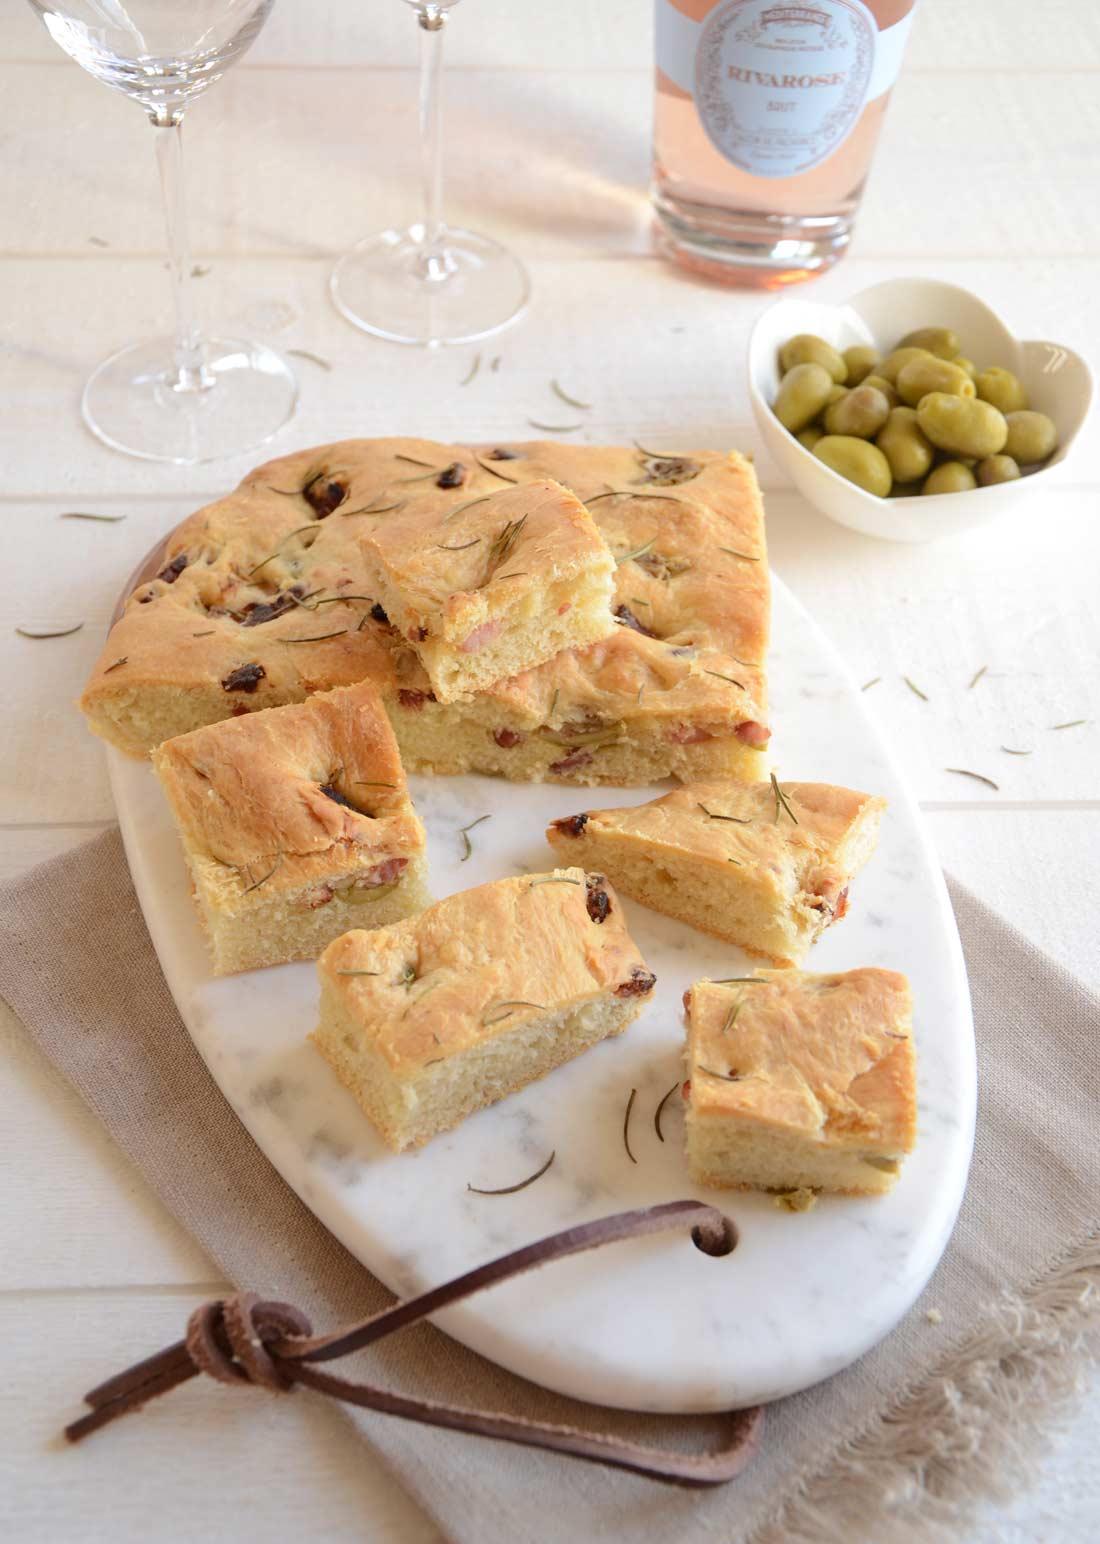 Fougasse olives et lardons maison pour l'apéritif